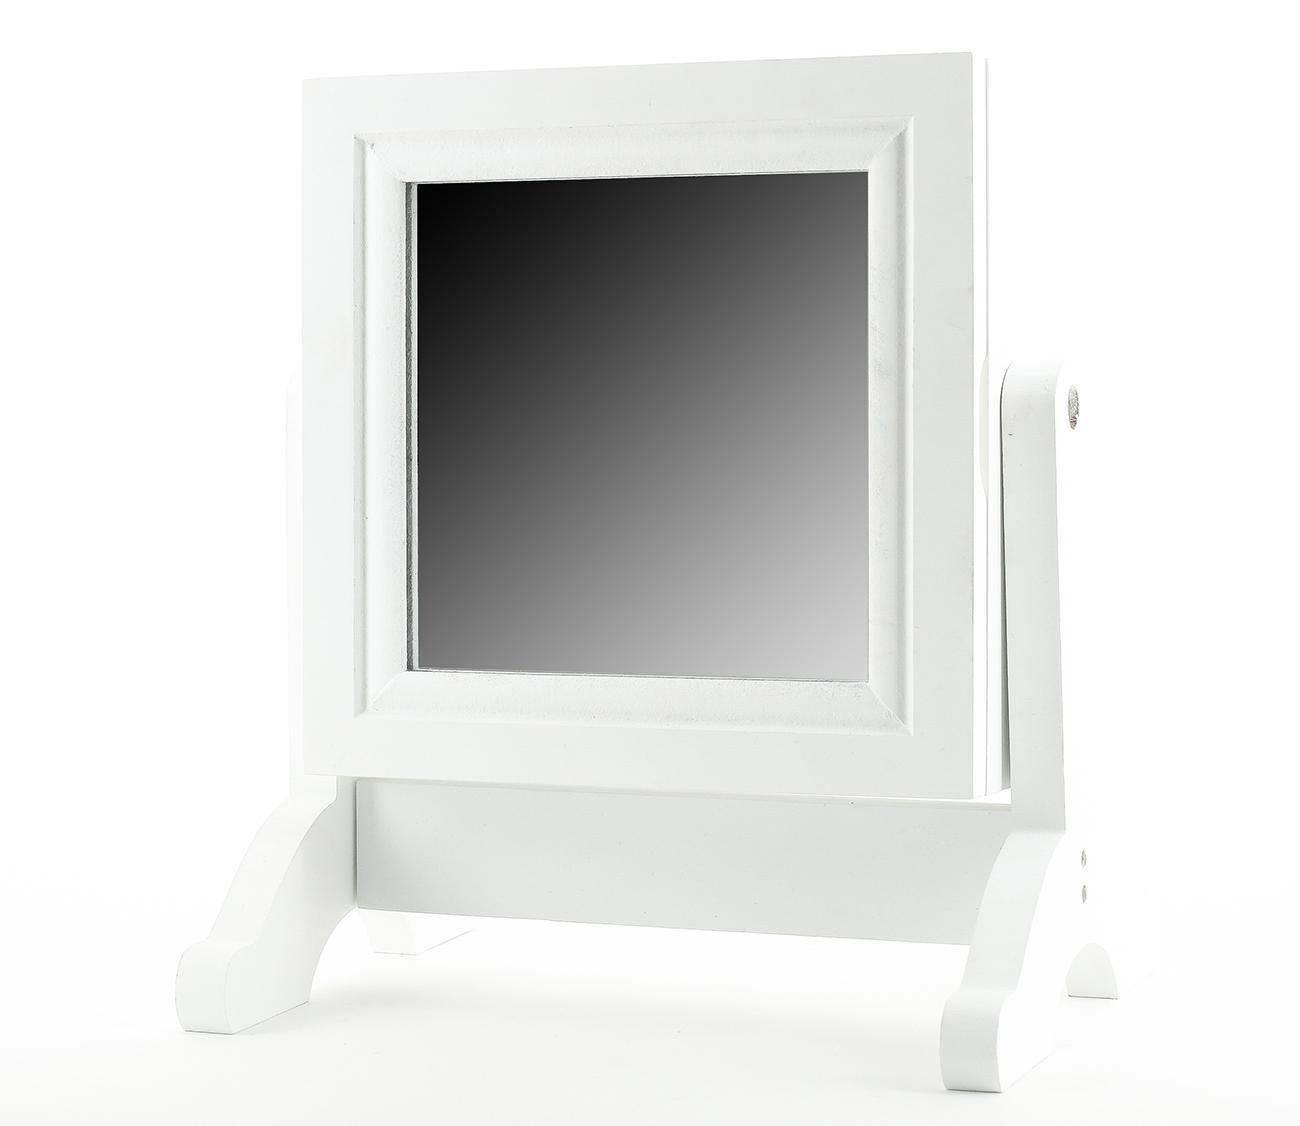 Schmuckkasten schmuckschrank holz wei mit spiegel for Spiegel zum hinstellen